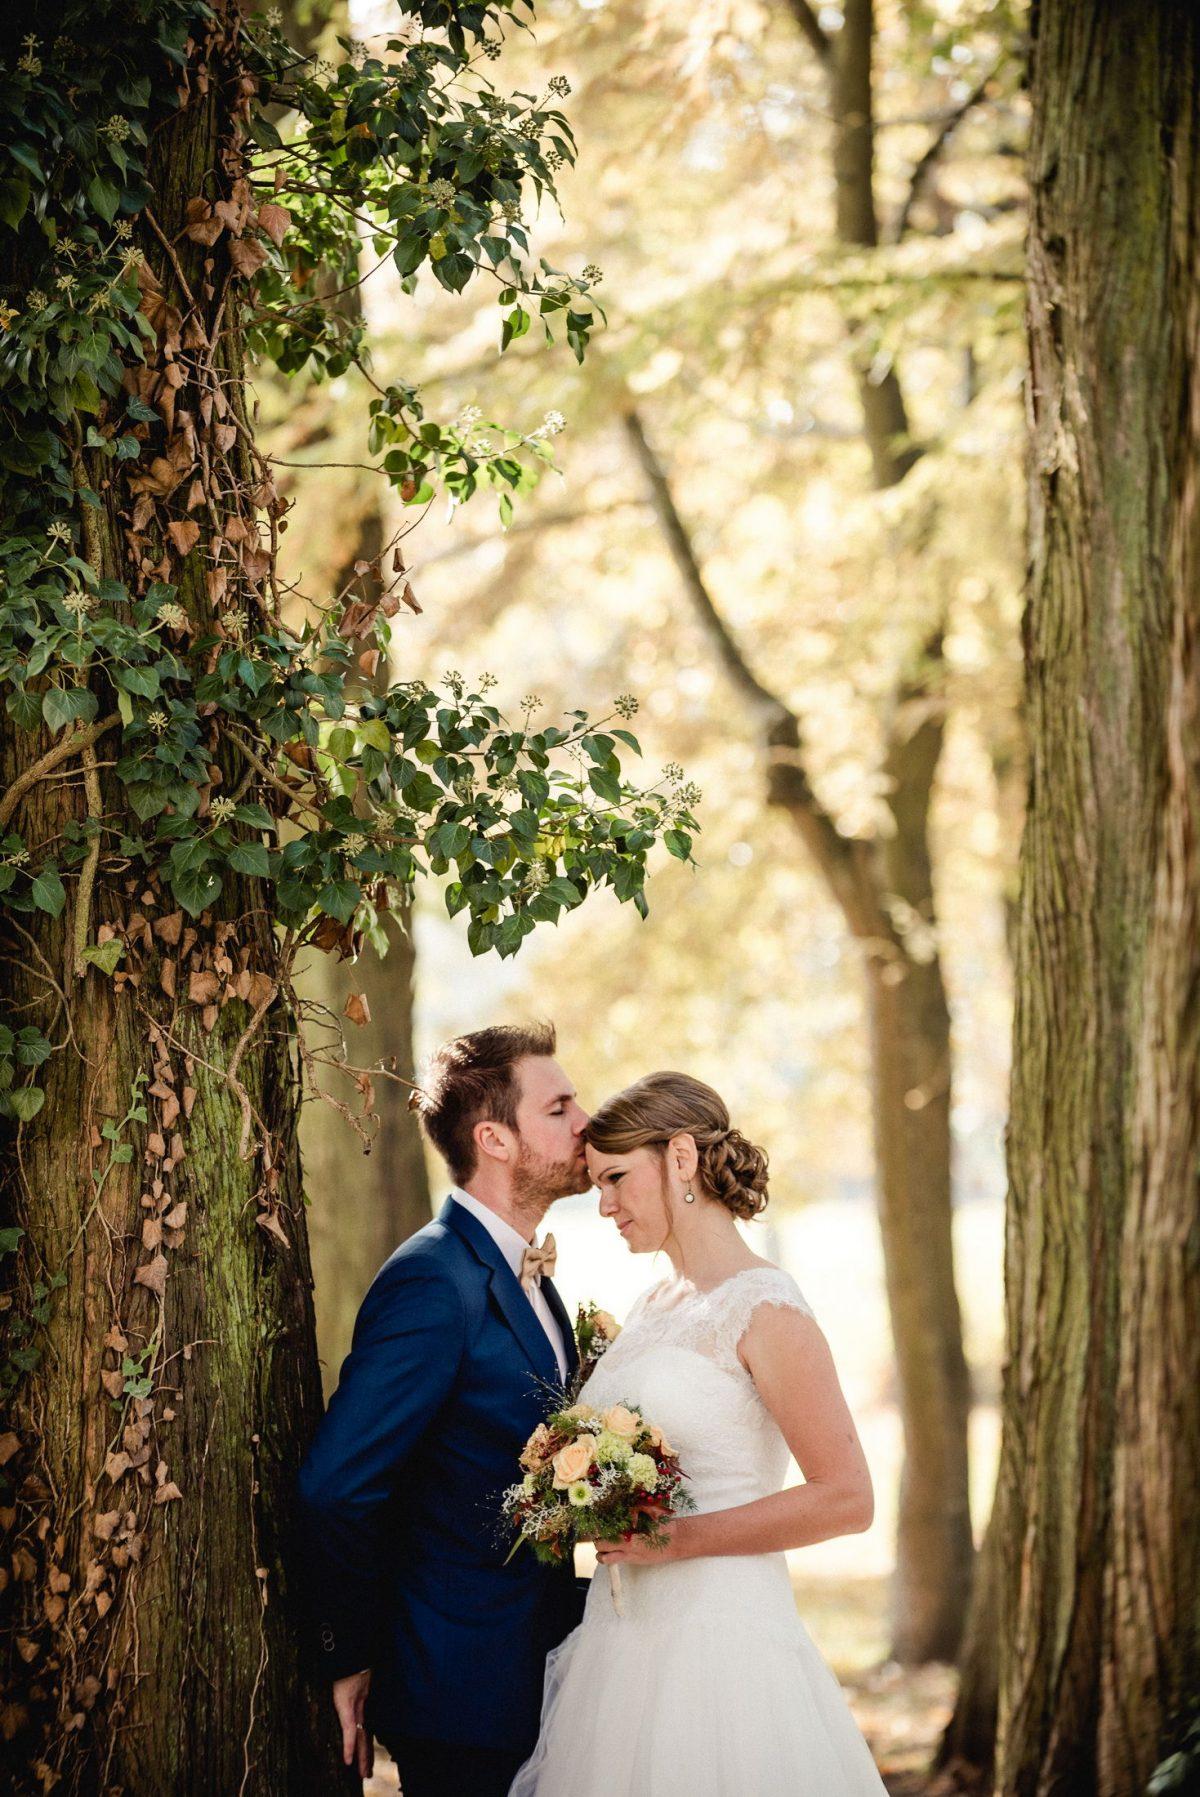 Kuss Liebe Brautkleid Anzug Blau Herbst Blätter Bäume Frisur Ohrringe Fliege Blumen